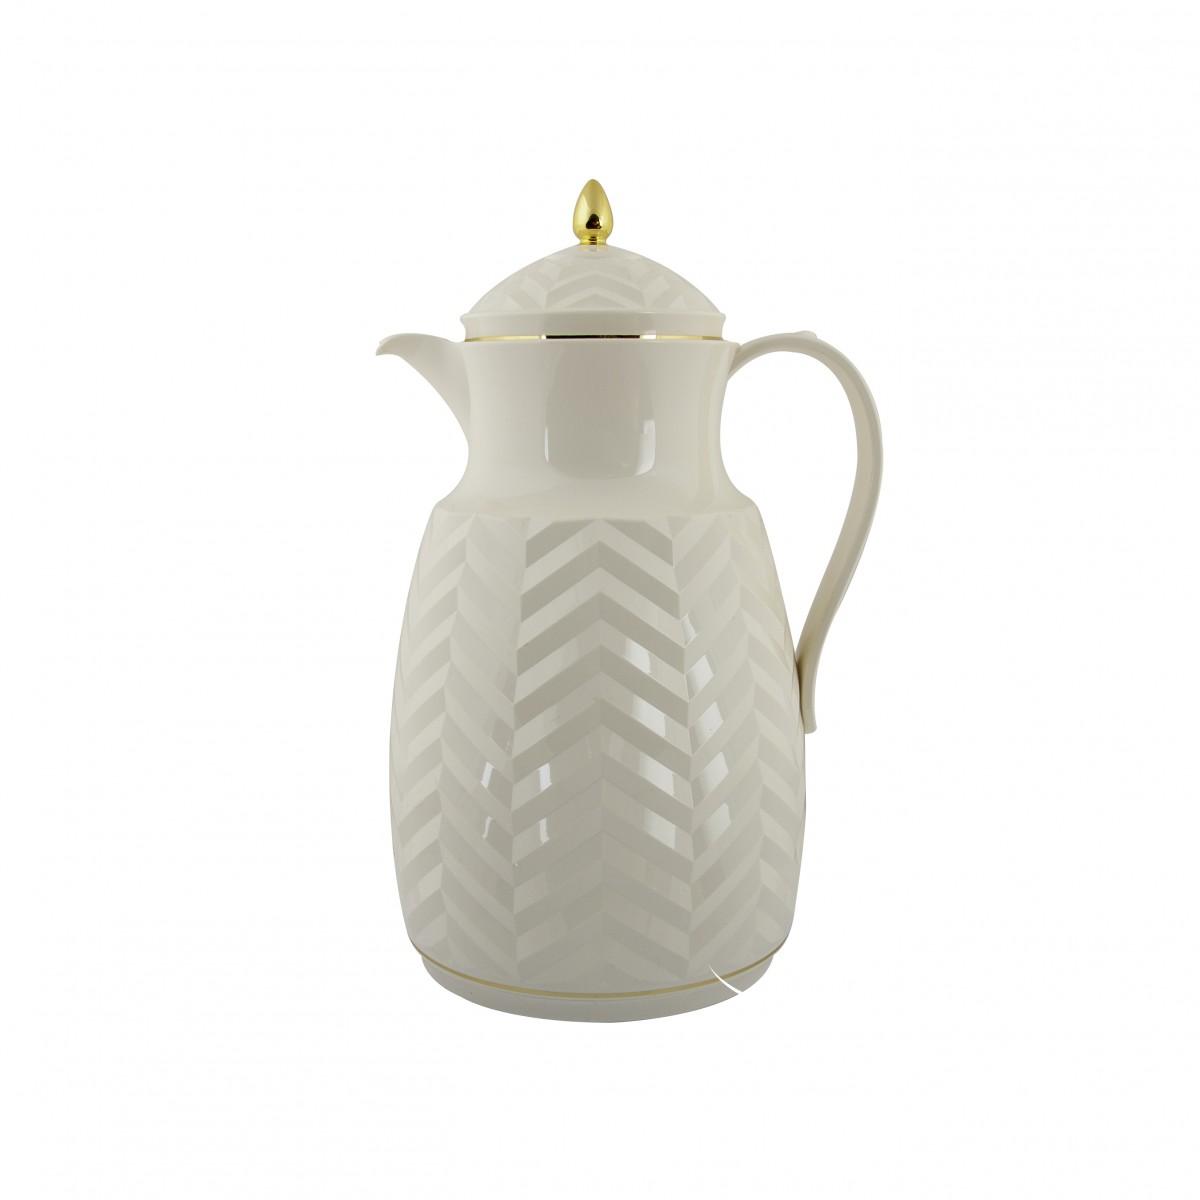 ترمس شاي وقهوة , روز , مقاس  1.5لتر موديل 52474